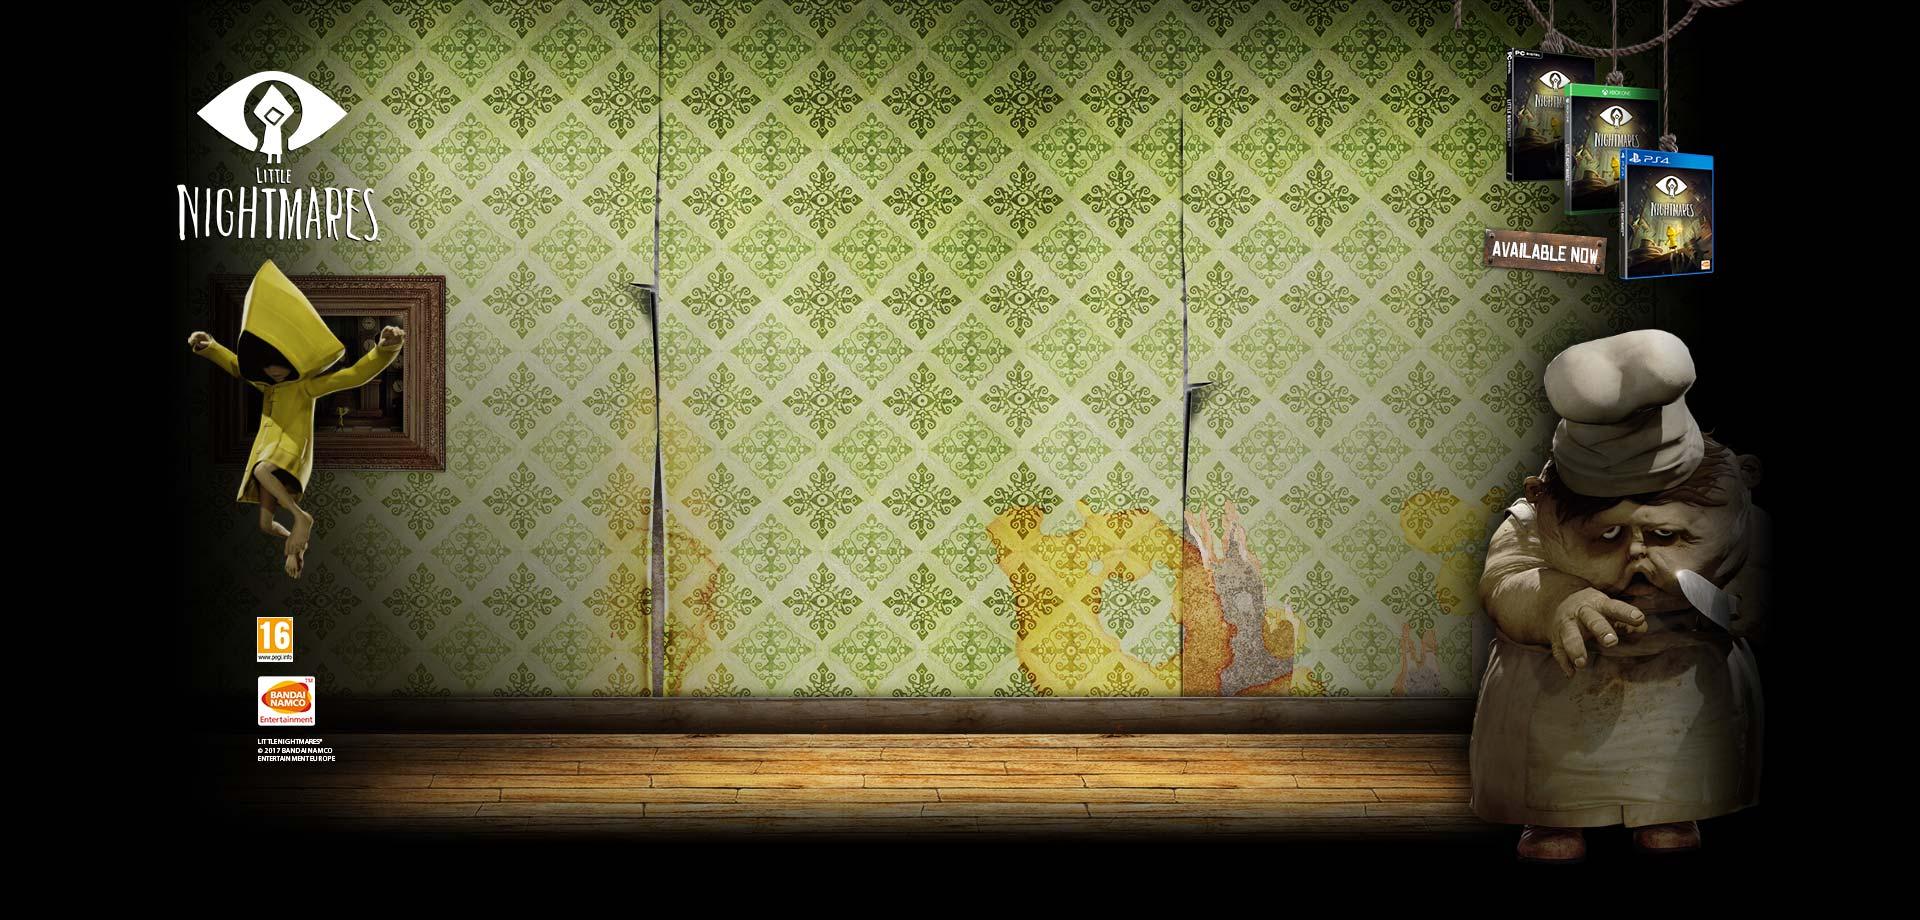 Background Skin Ad (Bandai Namco)